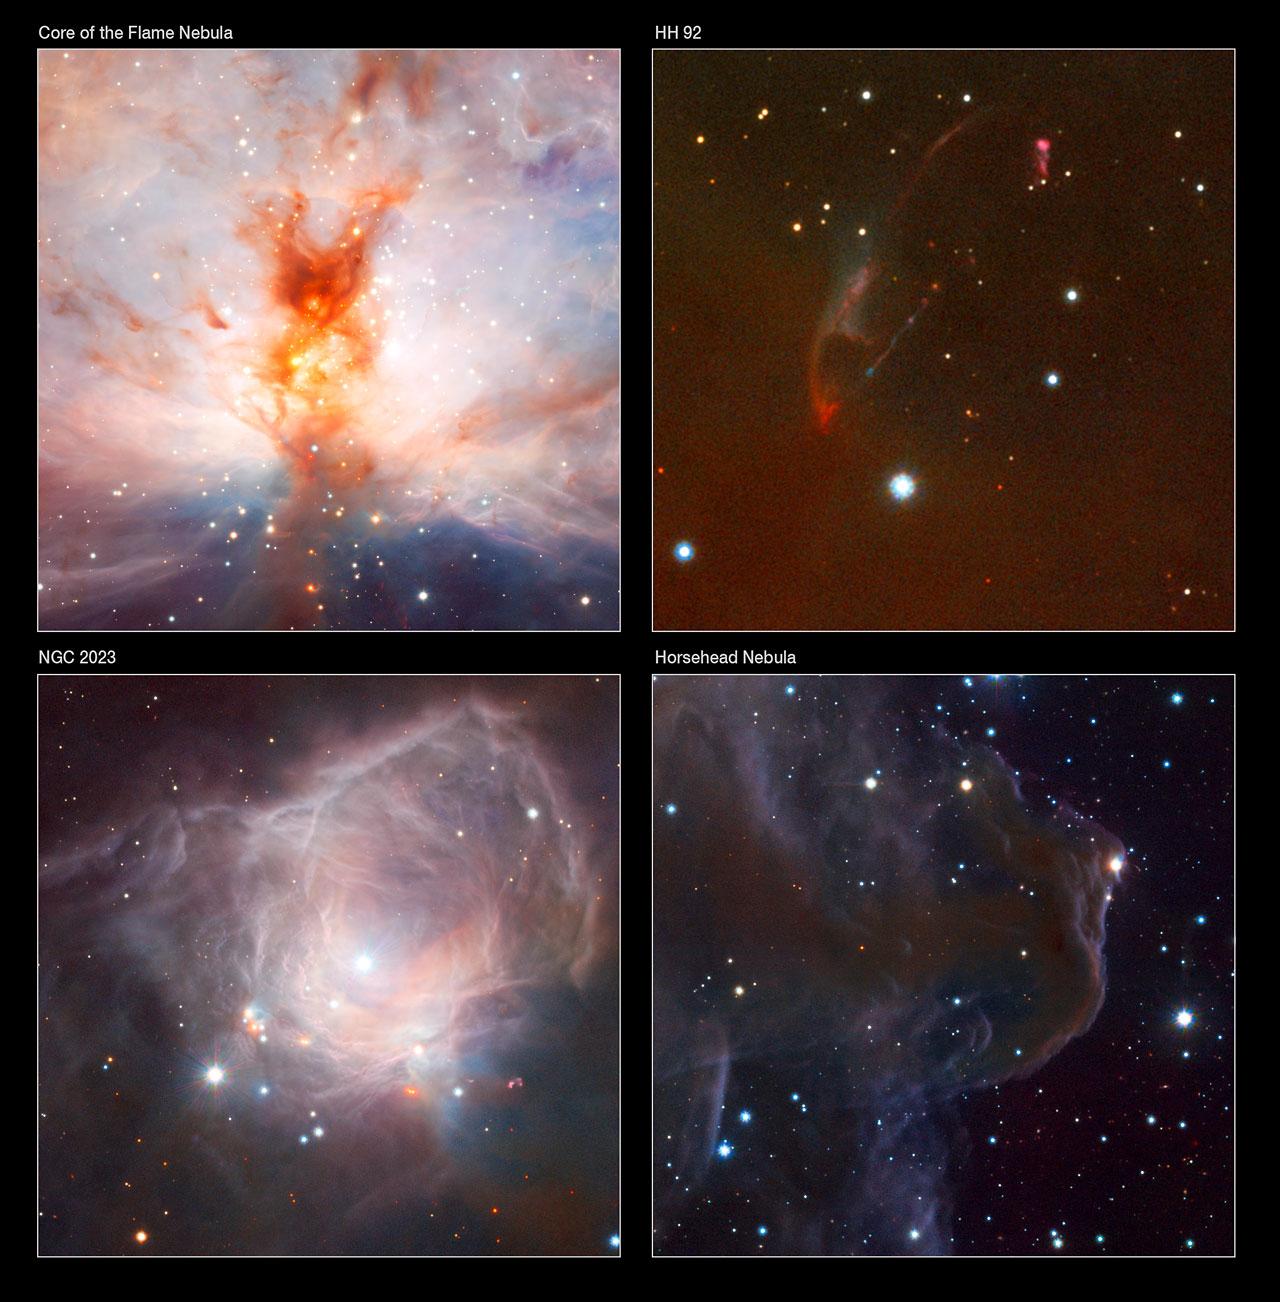 Mosaico de imagens do VISTA mostra a nebulasa da Flama (NGC 2024), o objeto Herbig Haro HH92, a nebulosa NGC 2023 e o objeto Barnard 33 - a nebulosa cabeça de cavalo. Crédito: ESO/J. Emerson/VISTA. Reconhecimento: Cambridge Astronomical Survey Unit